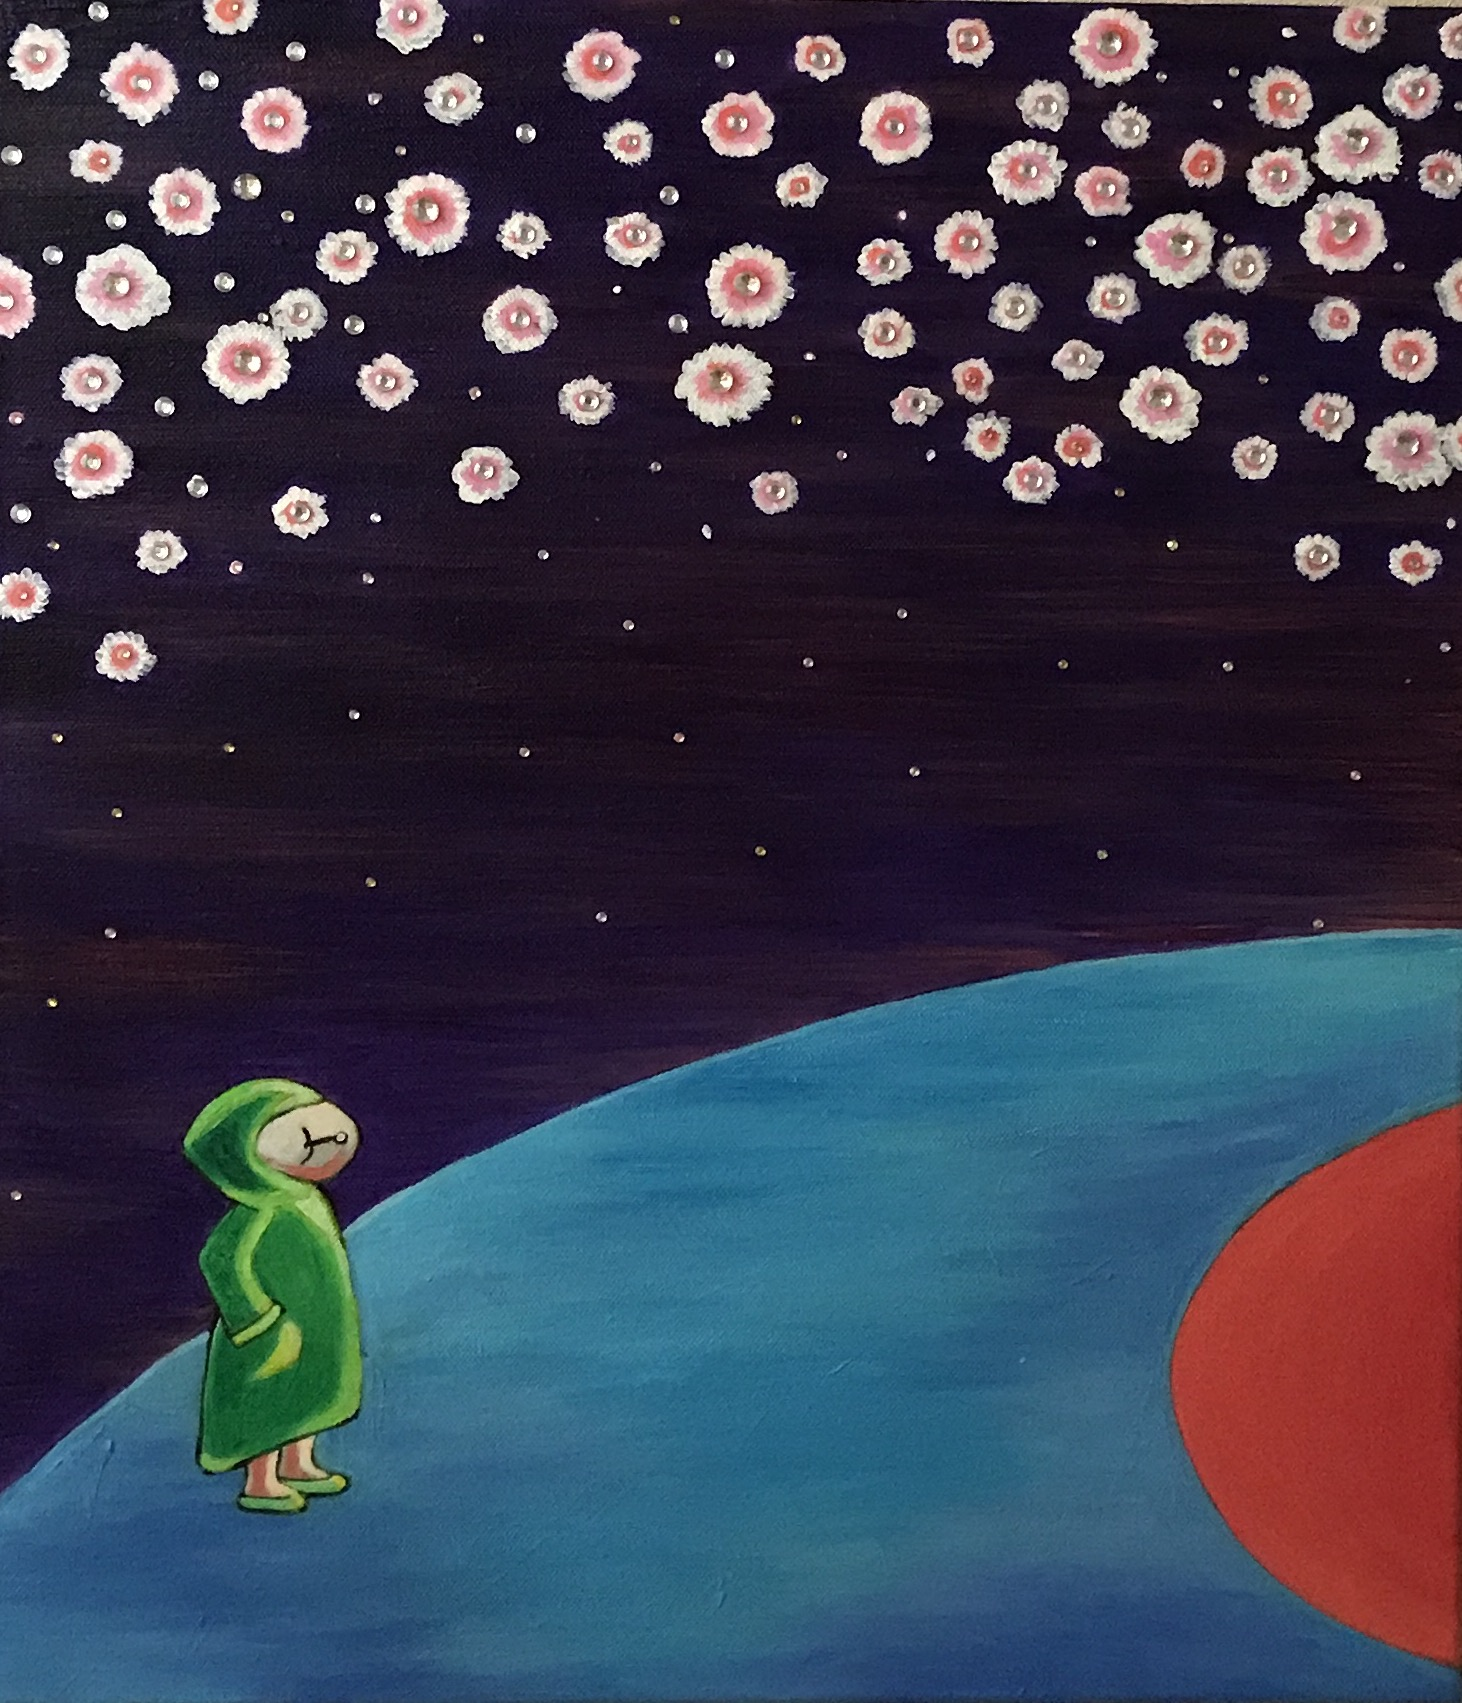 Shine like Stars (a)